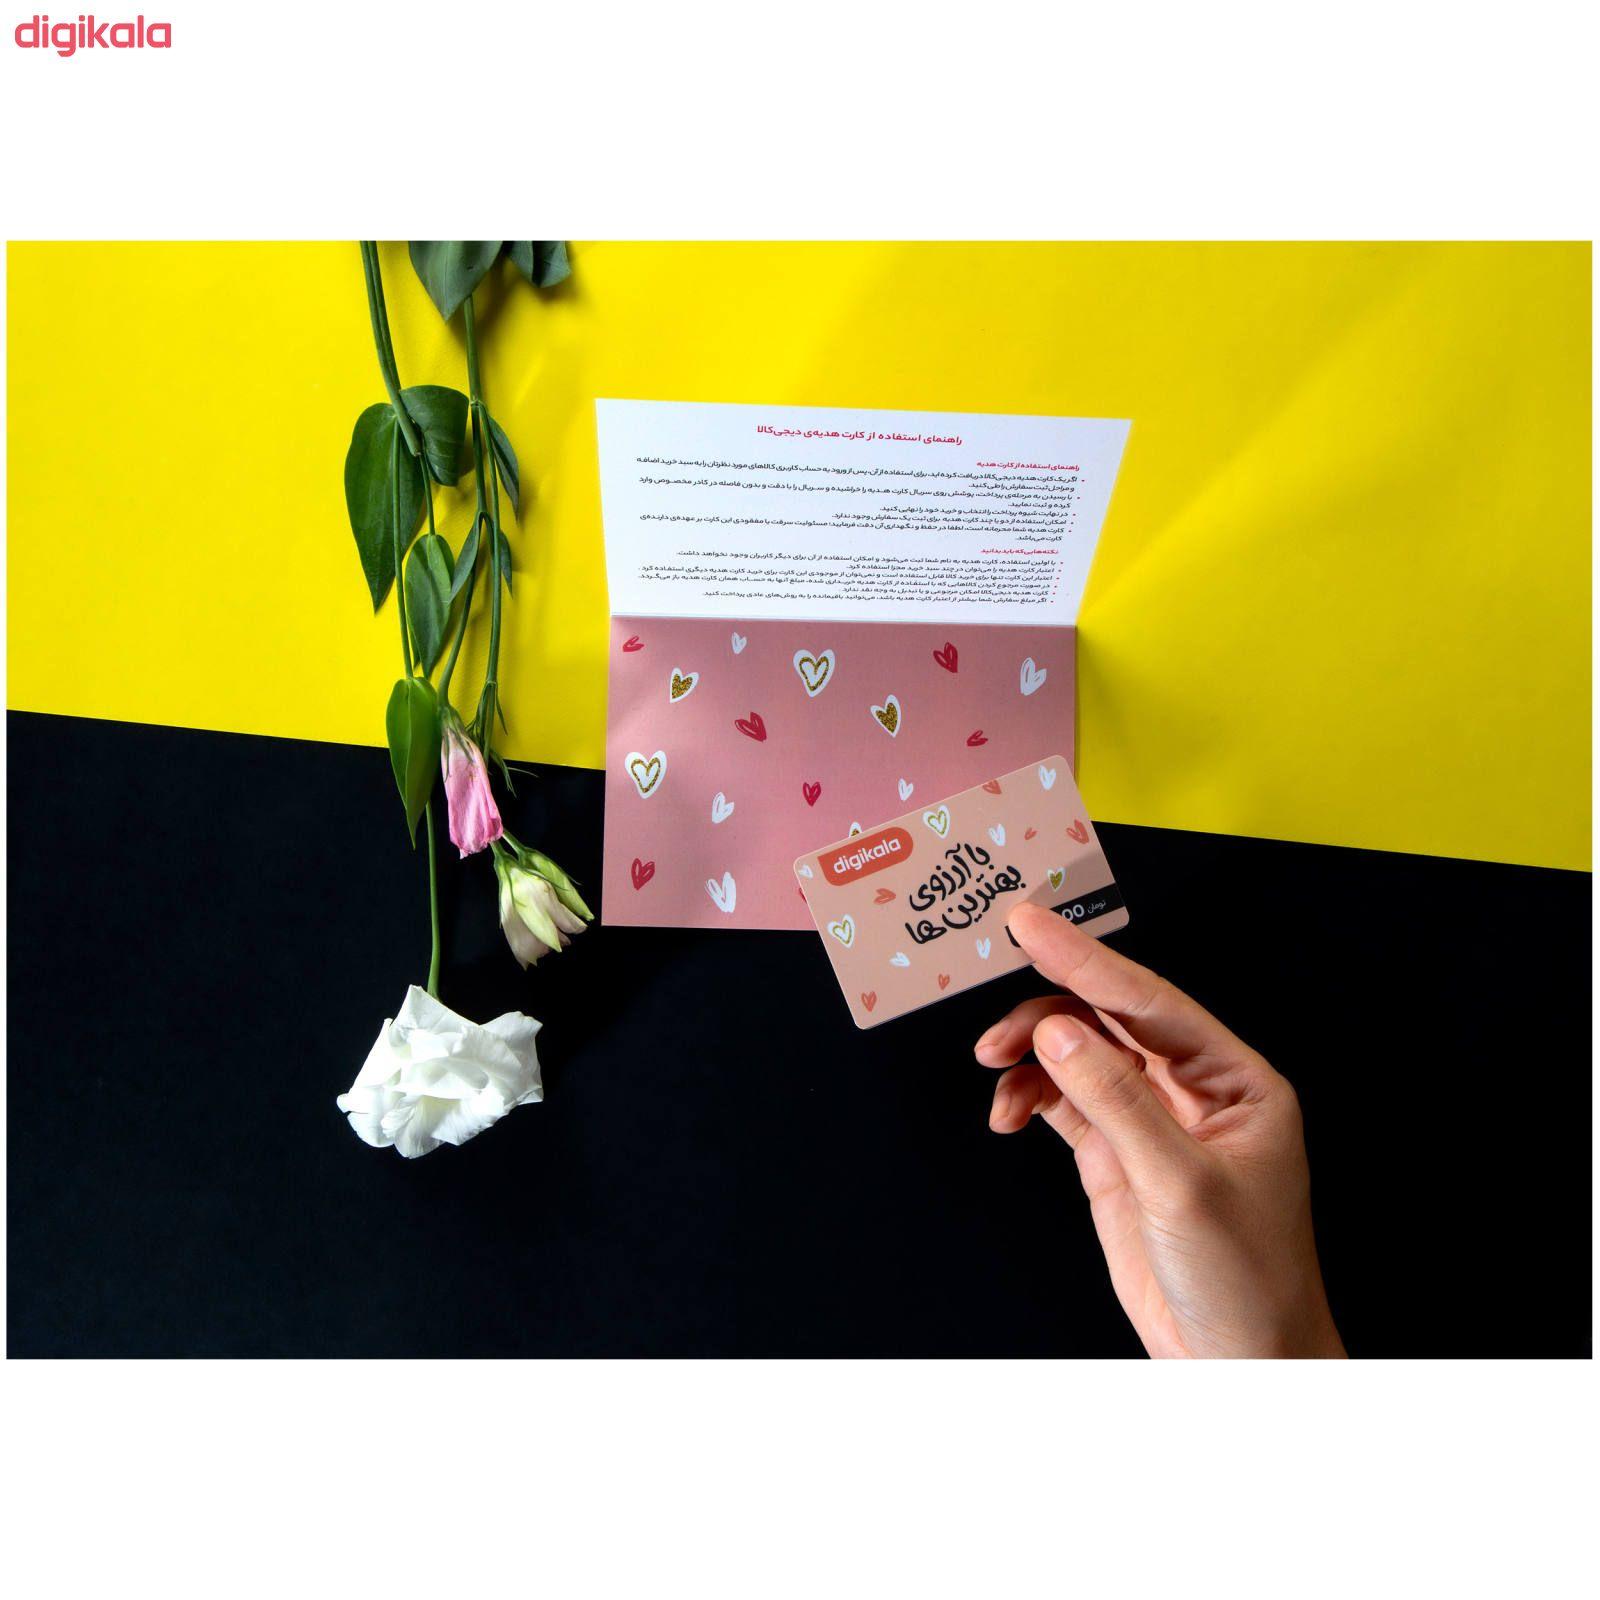 کارت هدیه دیجی کالا به ارزش 100.000 تومان طرح آرزو main 1 4